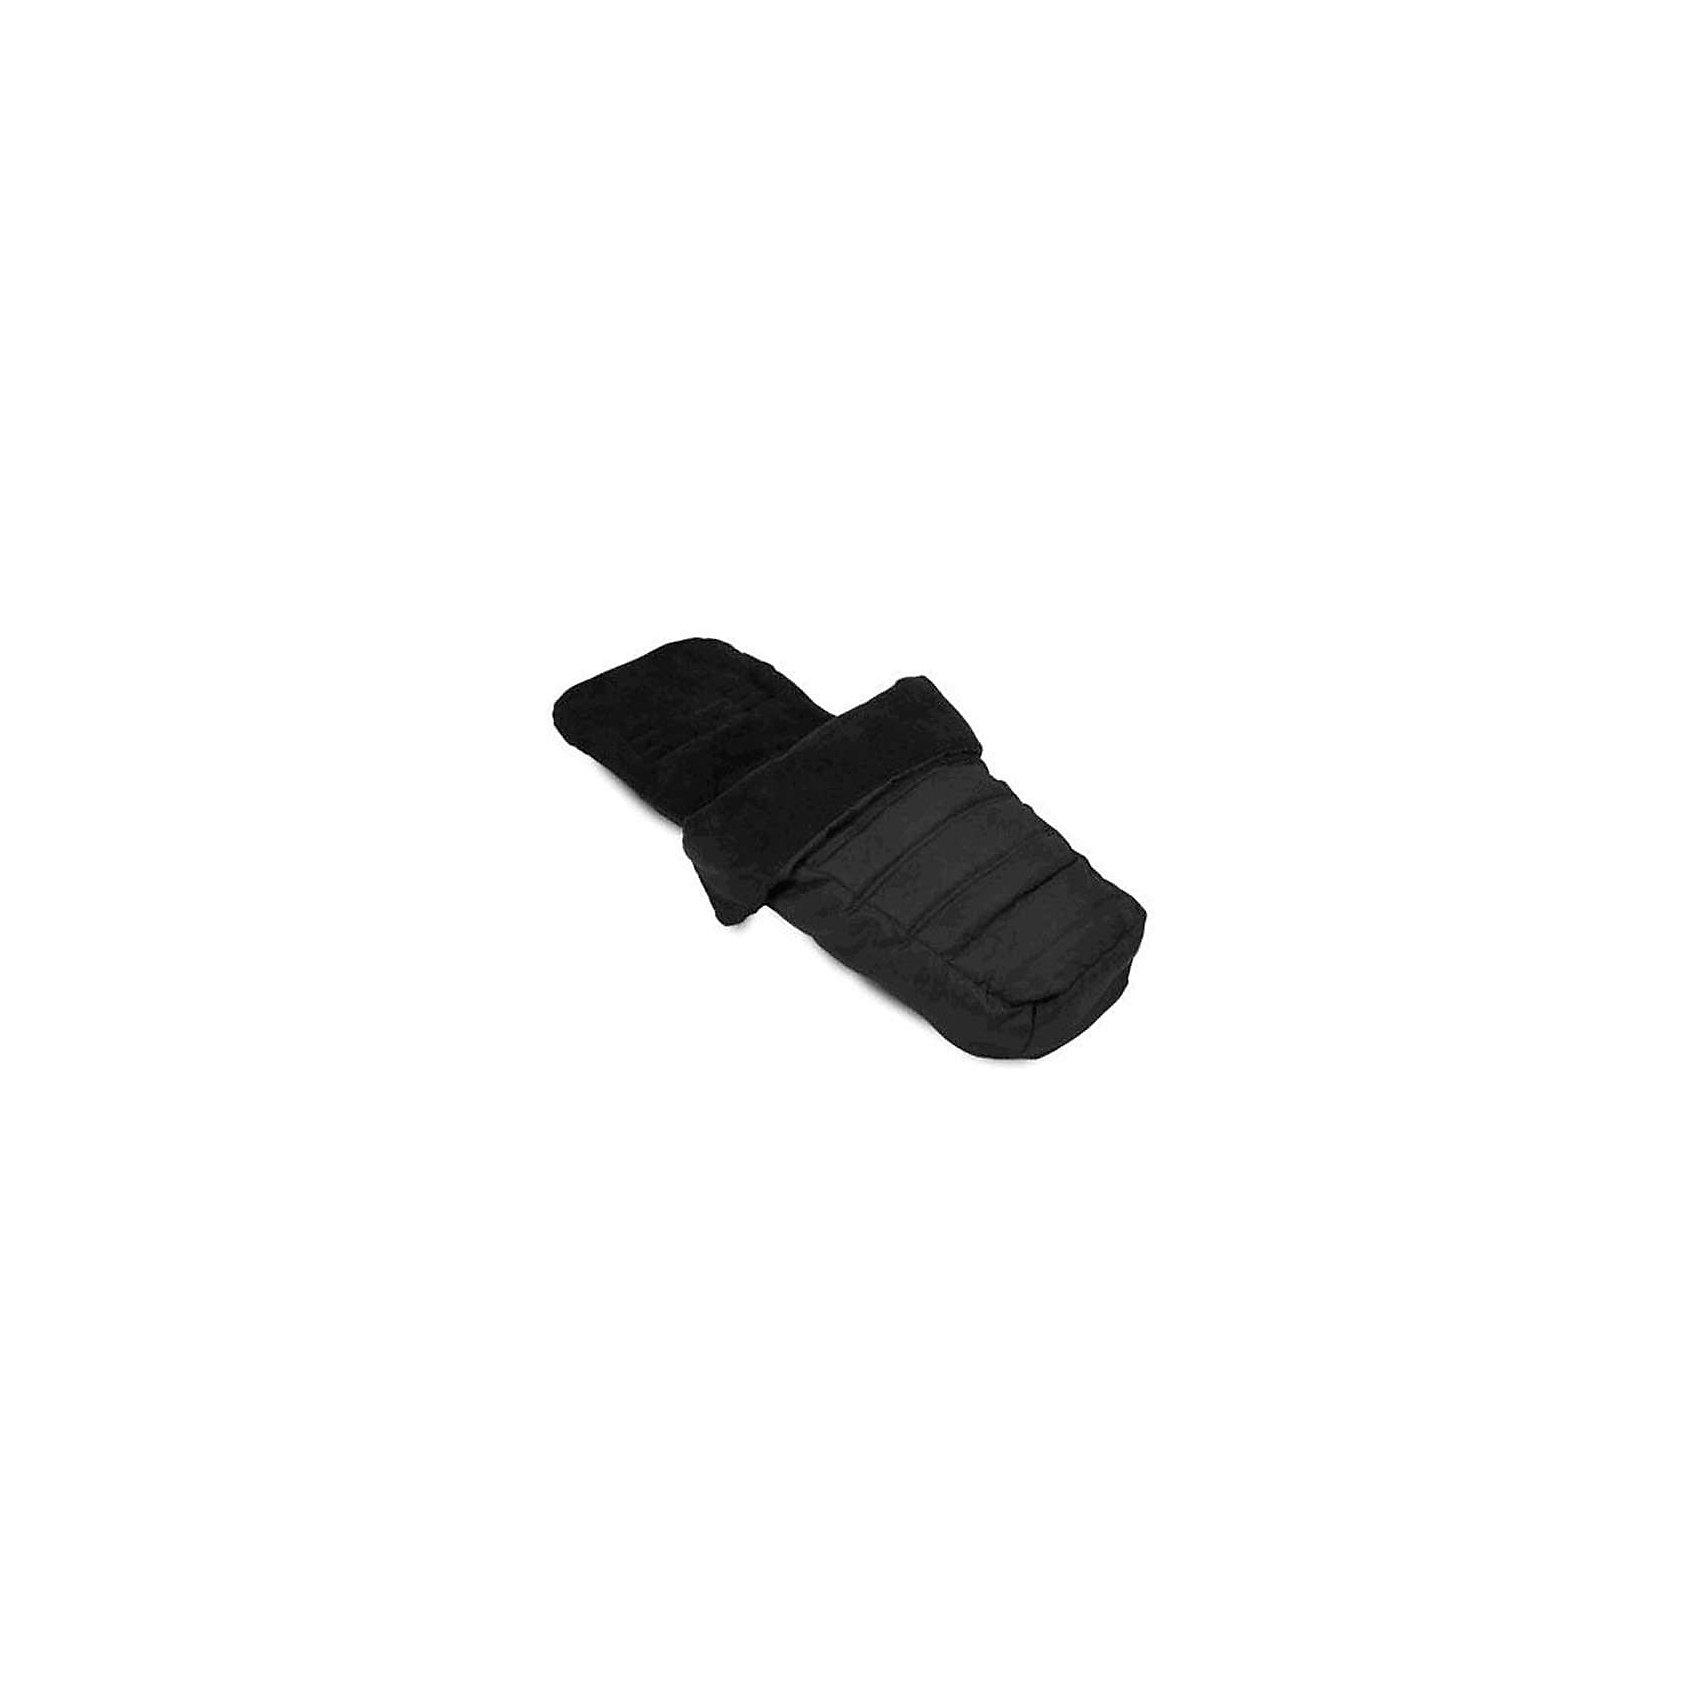 Муфта для ног в колясоку City Select, Baby Jogger, черныйДемисезонные конверты<br>Муфта для ног -защитит кроху от ветра и непогоды, обеспечив уют и комфорт. Она идеально подходит для колясок серии Сити Селект, имеет натяжной карман для крепления верхнего края к верху спинки коляски. Муфта представляет собой мягконабивной конверт с флисовой обшивкой на молнии и с несколькими прорезями для ремней безопасности. Изделие выполнено из высококачественных , экологически чистых, современных, гипоаллергенных материалов, отлично удерживающих тепло и не препятствующих вентиляции. Прекрасный вариант для холодной погоды. <br><br>Дополнительная информация:<br><br>- Материал: текстиль. <br>- Размер: 45 х 90 см. <br>- Тип застежки: молния.<br>- Подходит только для колясок Baby Jogger City Select.<br>- Легко крепится к пятиточечным ремням. <br>- Мягкая флисовая подкладка.<br>- Для ребенка с рождения до 4 лет.<br>- Температурный режим: от 15 до -15 ?. <br>- Стирка: деликатная, при 30 ?.<br><br>Муфту для ног в коляску City Select, Baby Jogger (Бэби Джоггер), черную, можно купить в нашем магазине.<br><br>Ширина мм: 370<br>Глубина мм: 300<br>Высота мм: 90<br>Вес г: 800<br>Возраст от месяцев: 6<br>Возраст до месяцев: 36<br>Пол: Унисекс<br>Возраст: Детский<br>SKU: 4711676